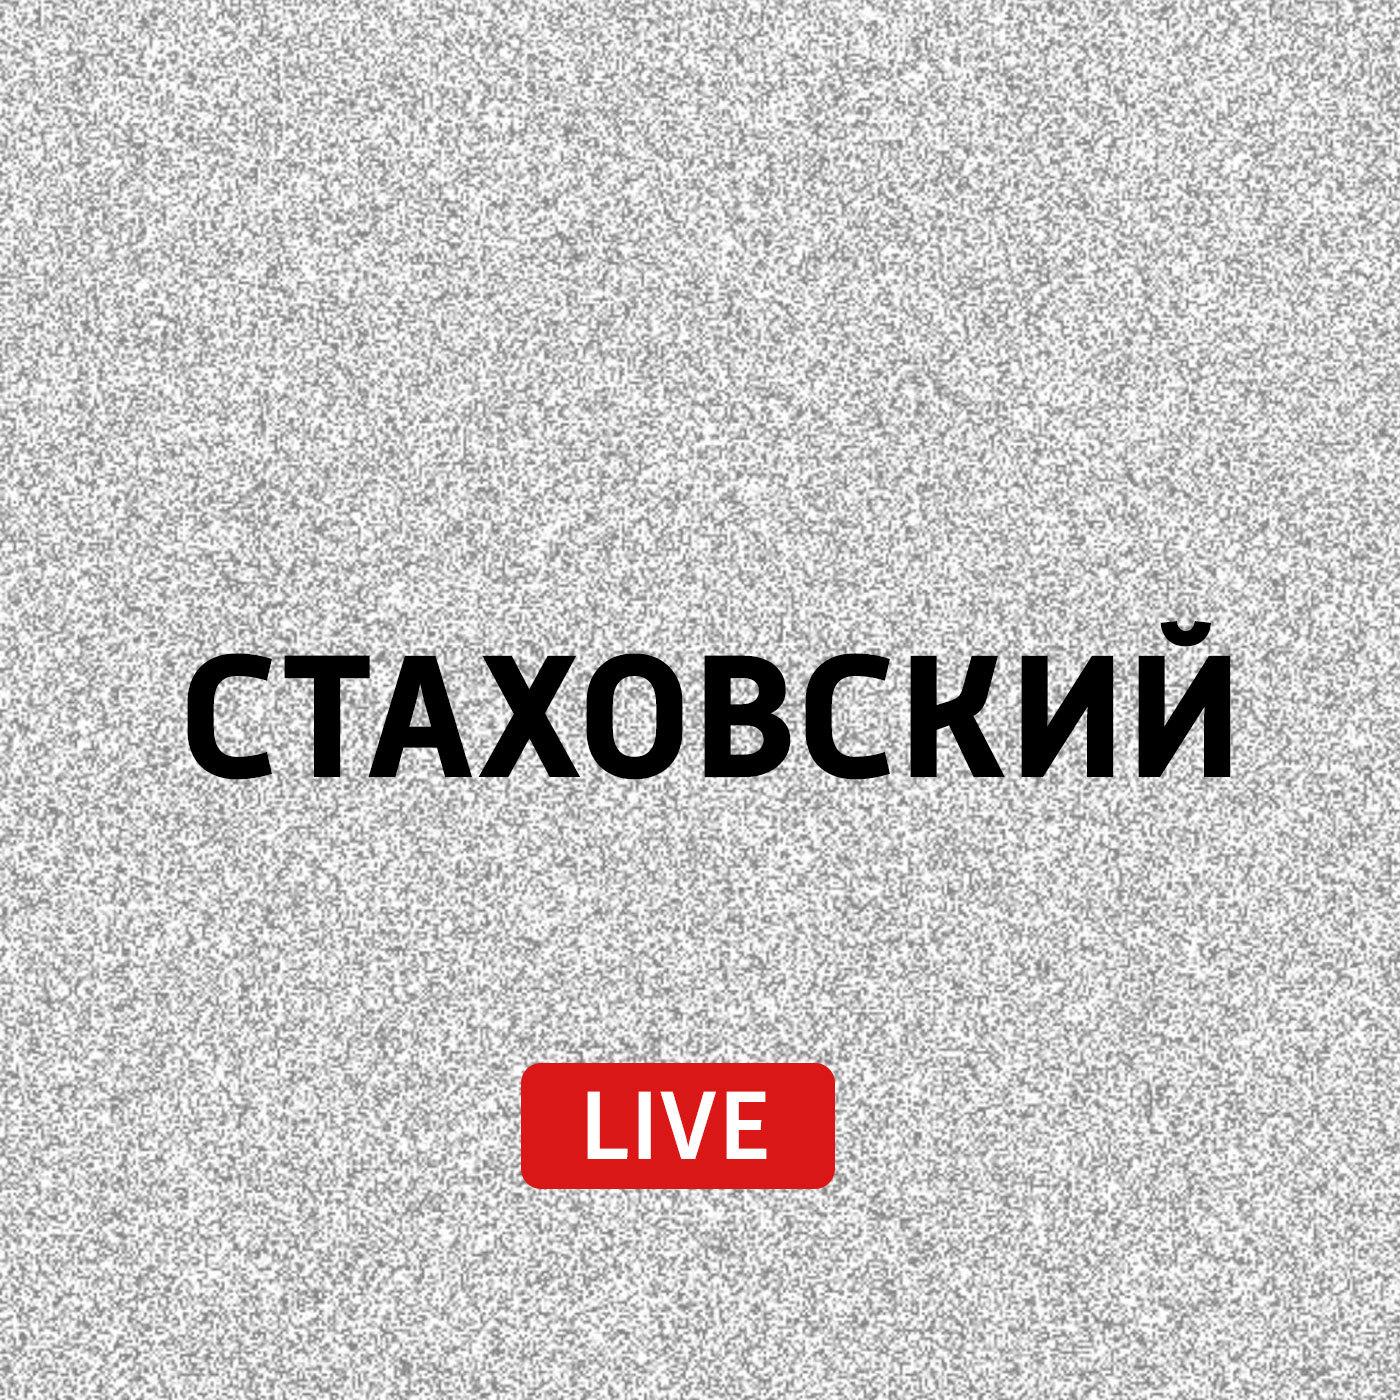 Евгений Стаховский О монохромном режиме, «картошке